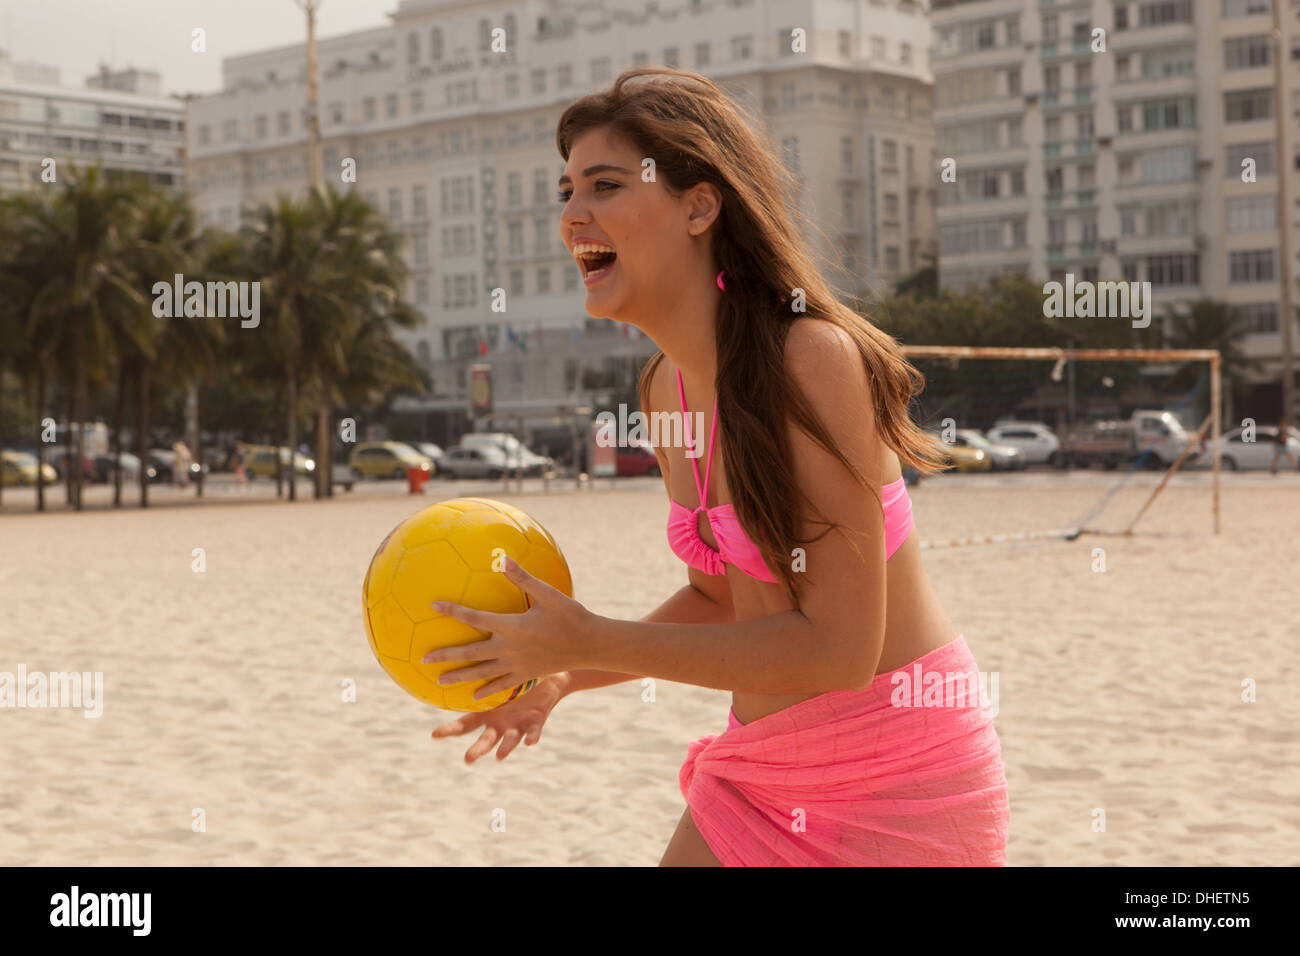 Young woman holding yellow beach ball, Copacabana Beach, Rio De Janeiro, Brazil - Stock Image